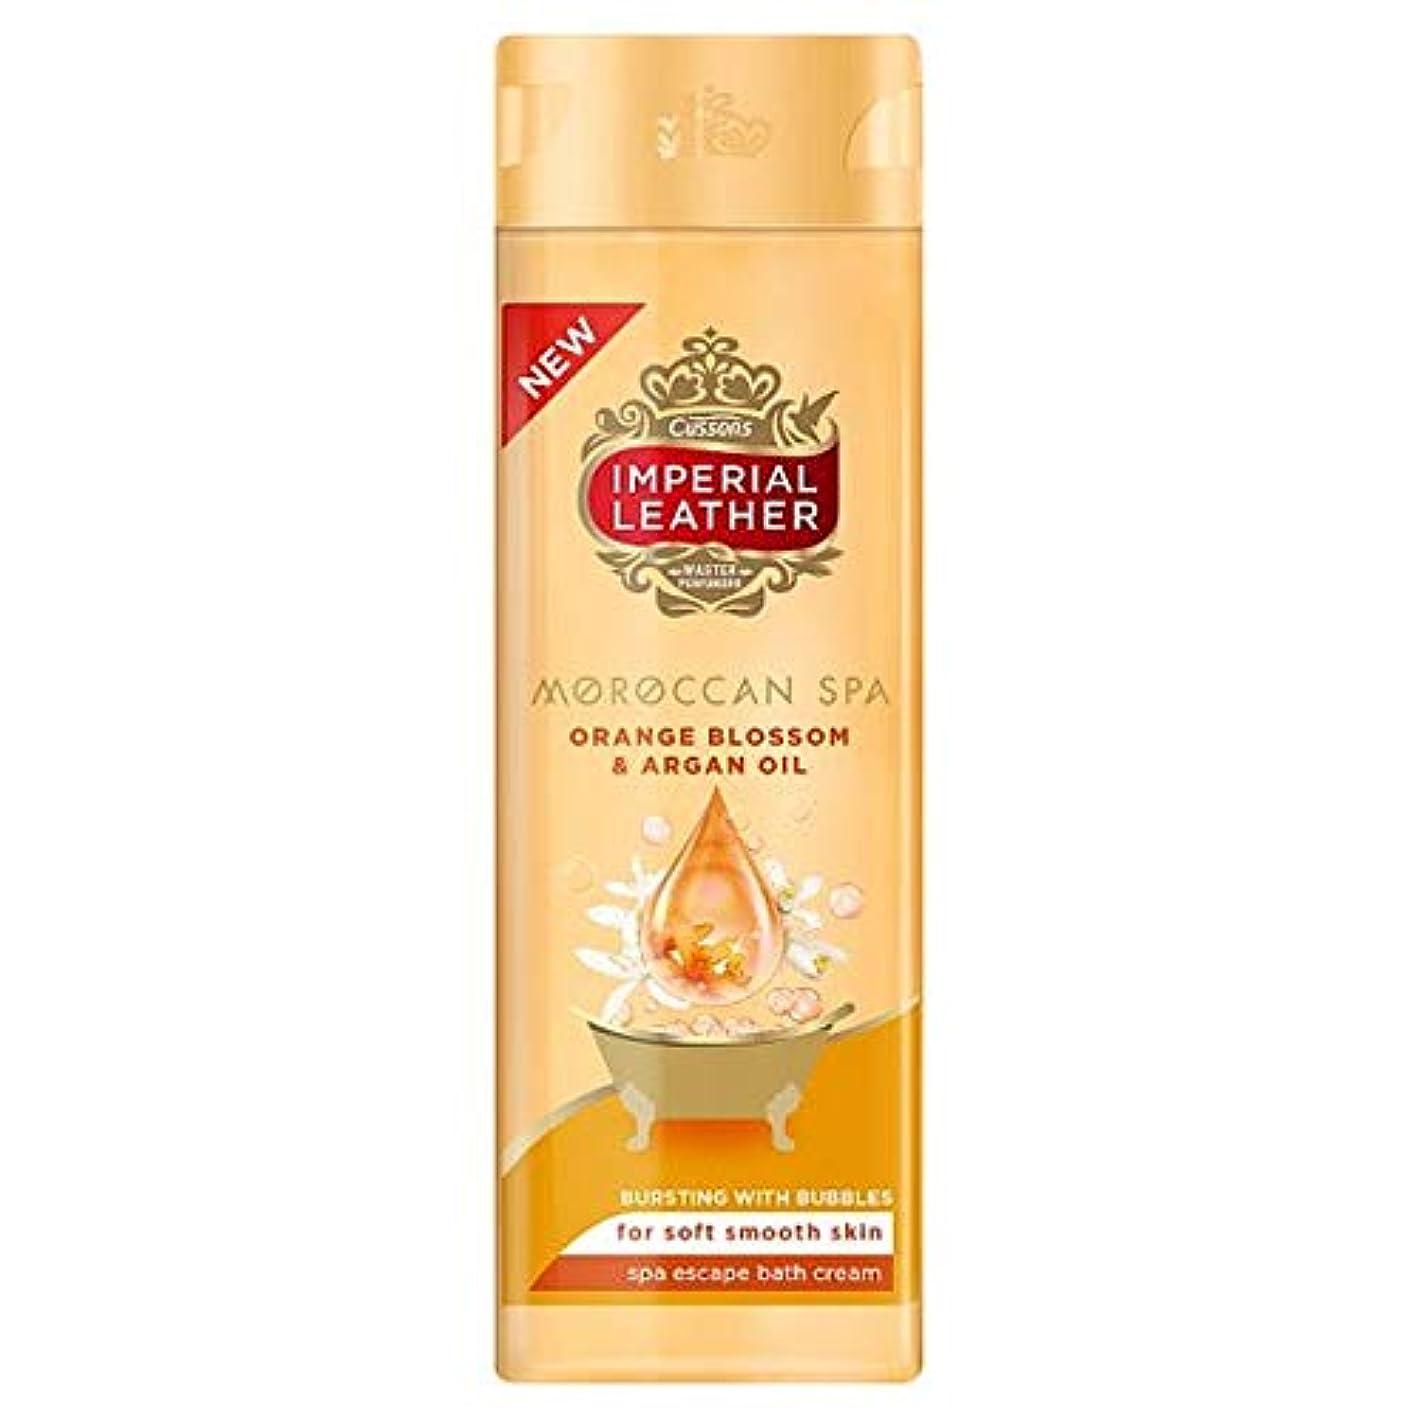 毒液ビバ利得[Imperial Leather] 帝国革モロッコスパバスクリーム500ミリリットル - Imperial Leather Moroccan Spa Bath Cream 500Ml [並行輸入品]